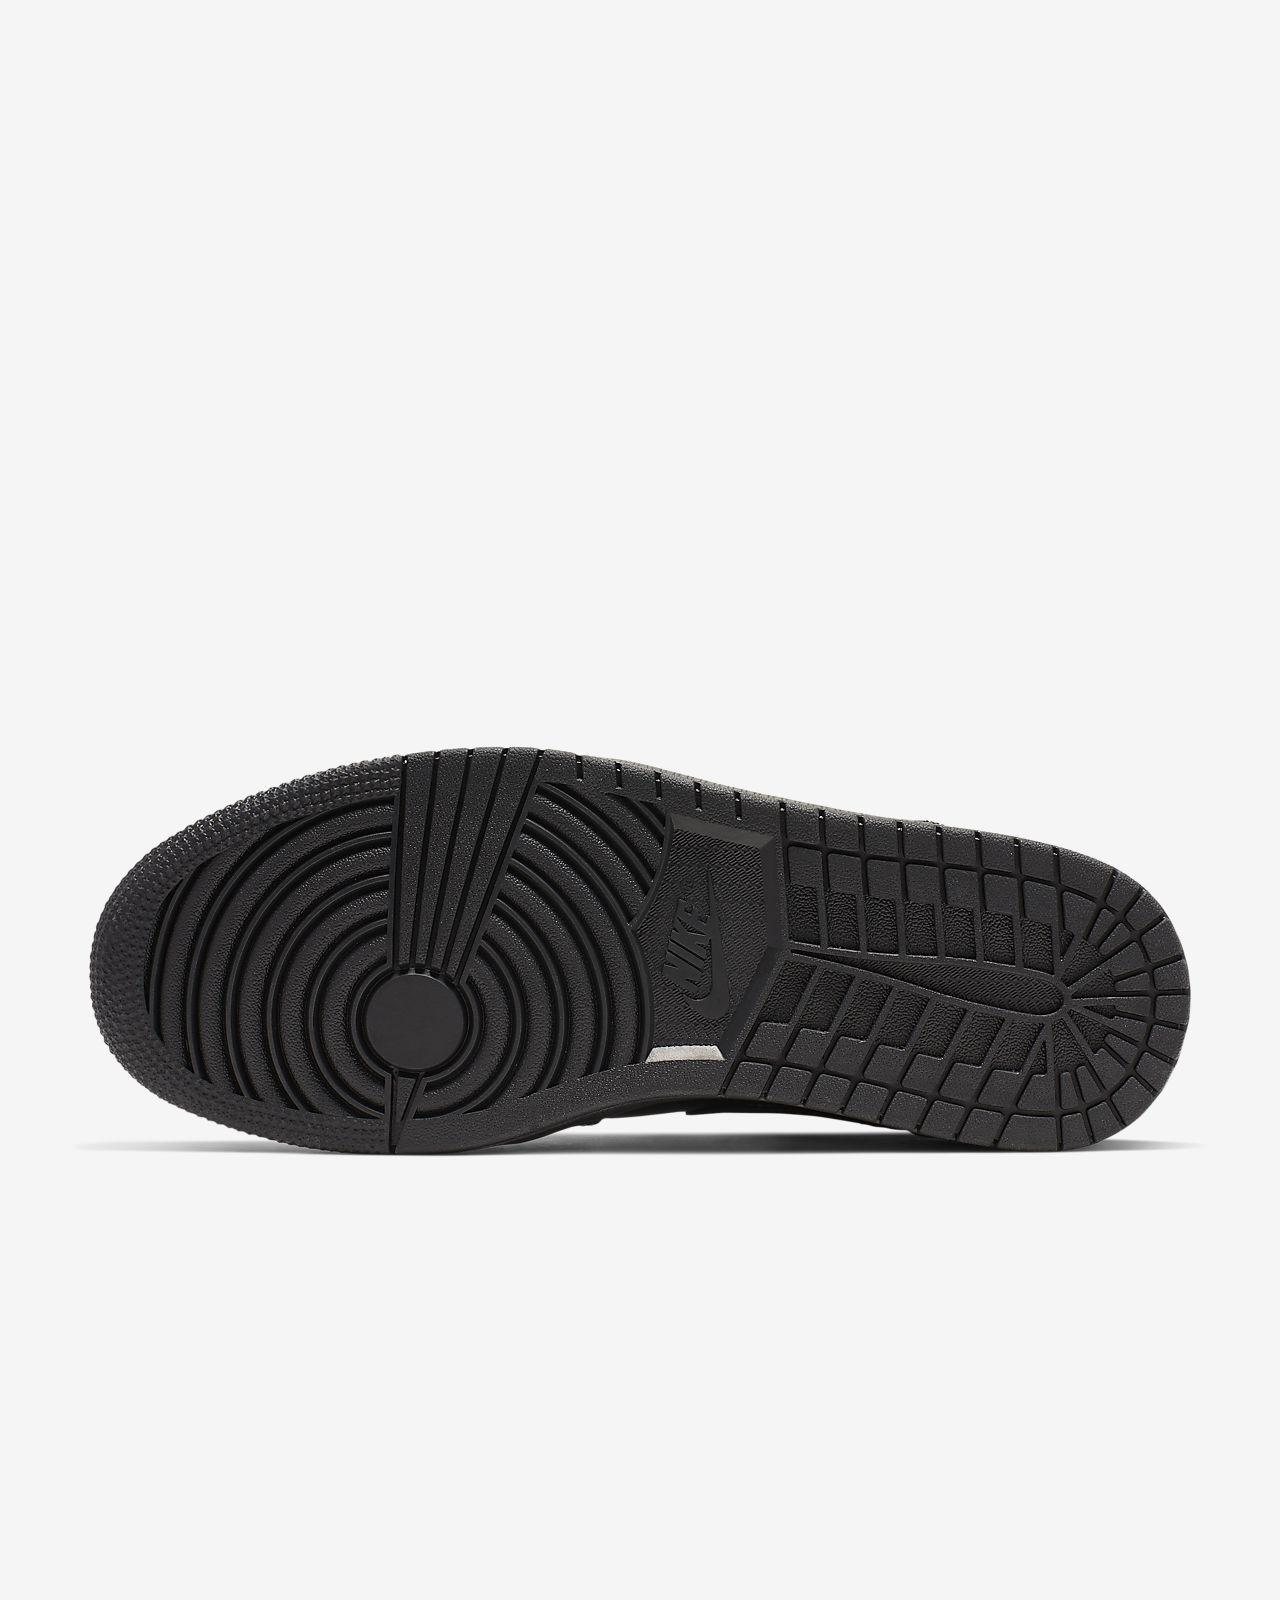 Cheapero ab 17,12€ Snocks Herren & Damen Sneaker Socken